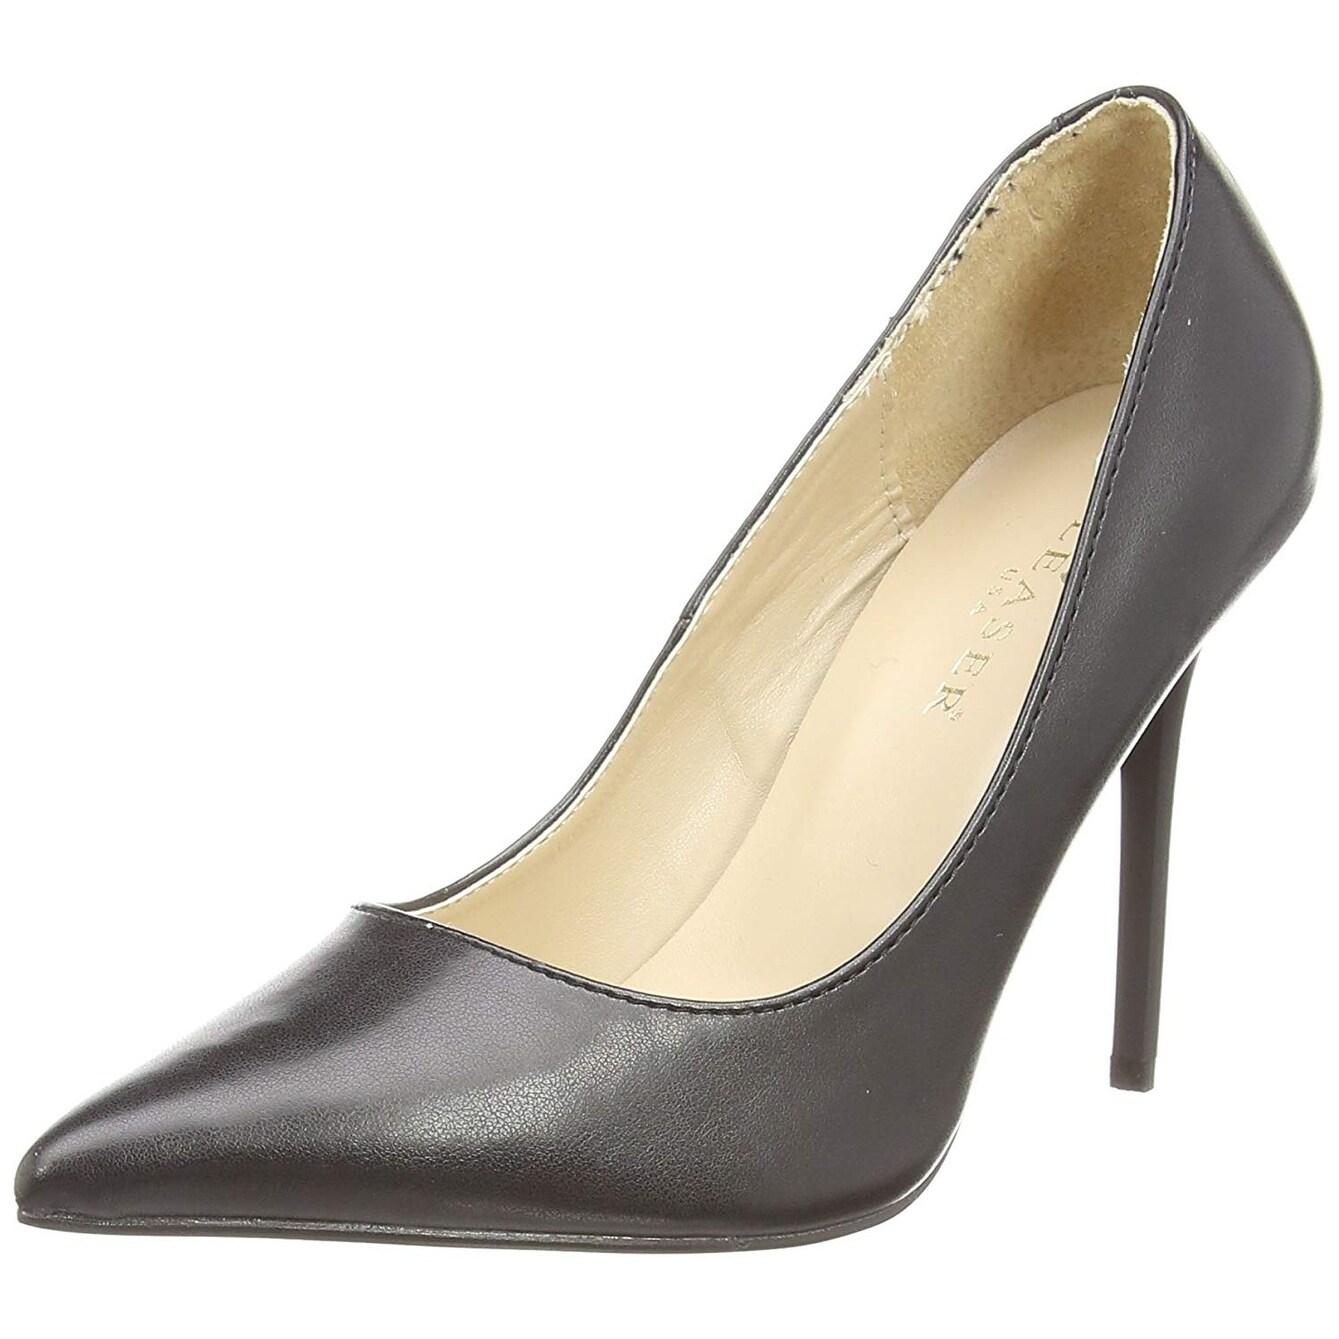 98f9fb4e824 Buy Pumps Women s Heels Online at Overstock